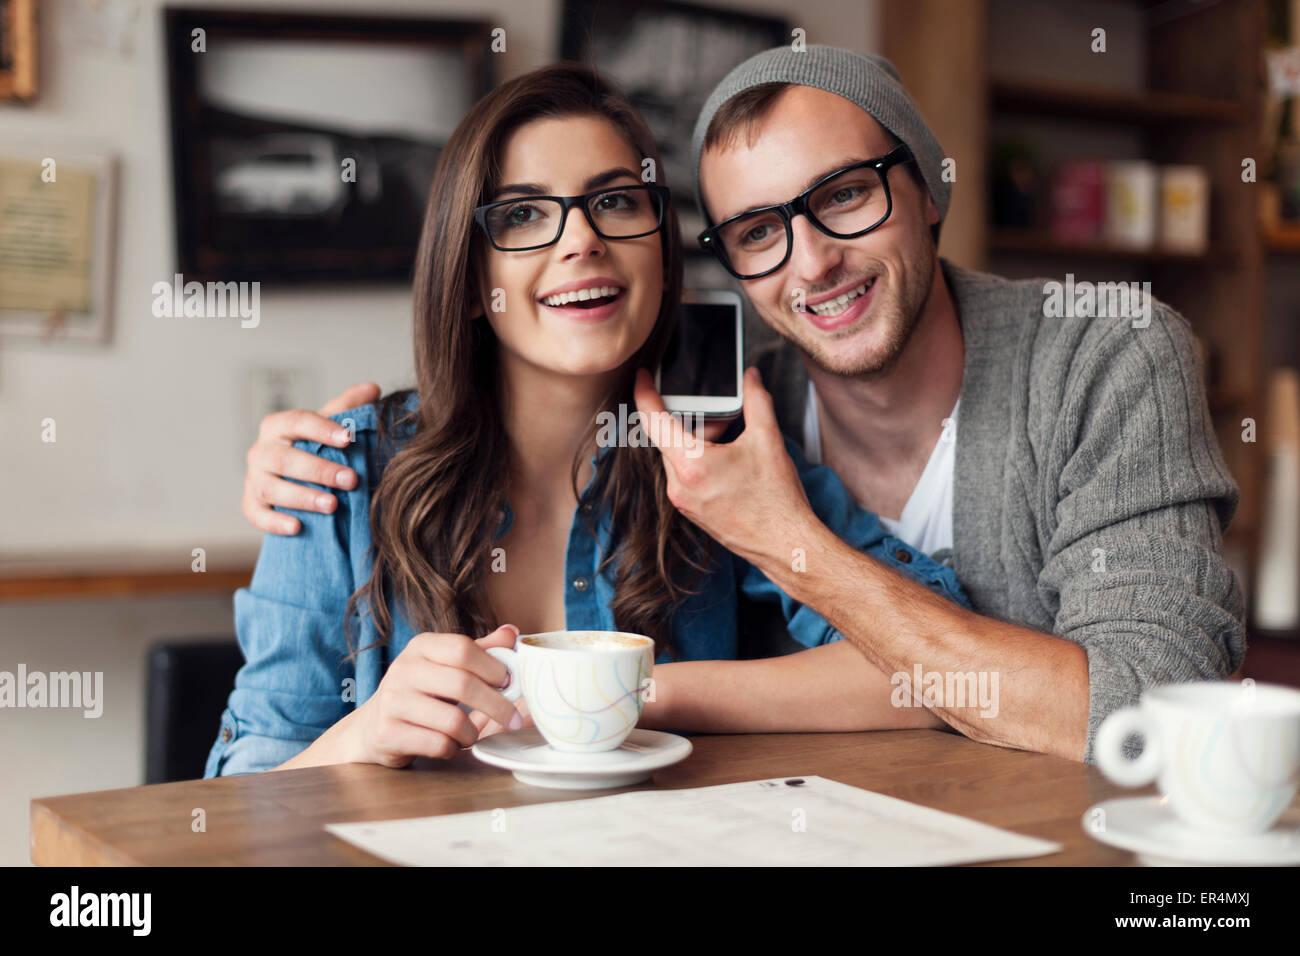 Glückliches junges Paar hören Stimme von Handy. Krakau, Polen Stockbild